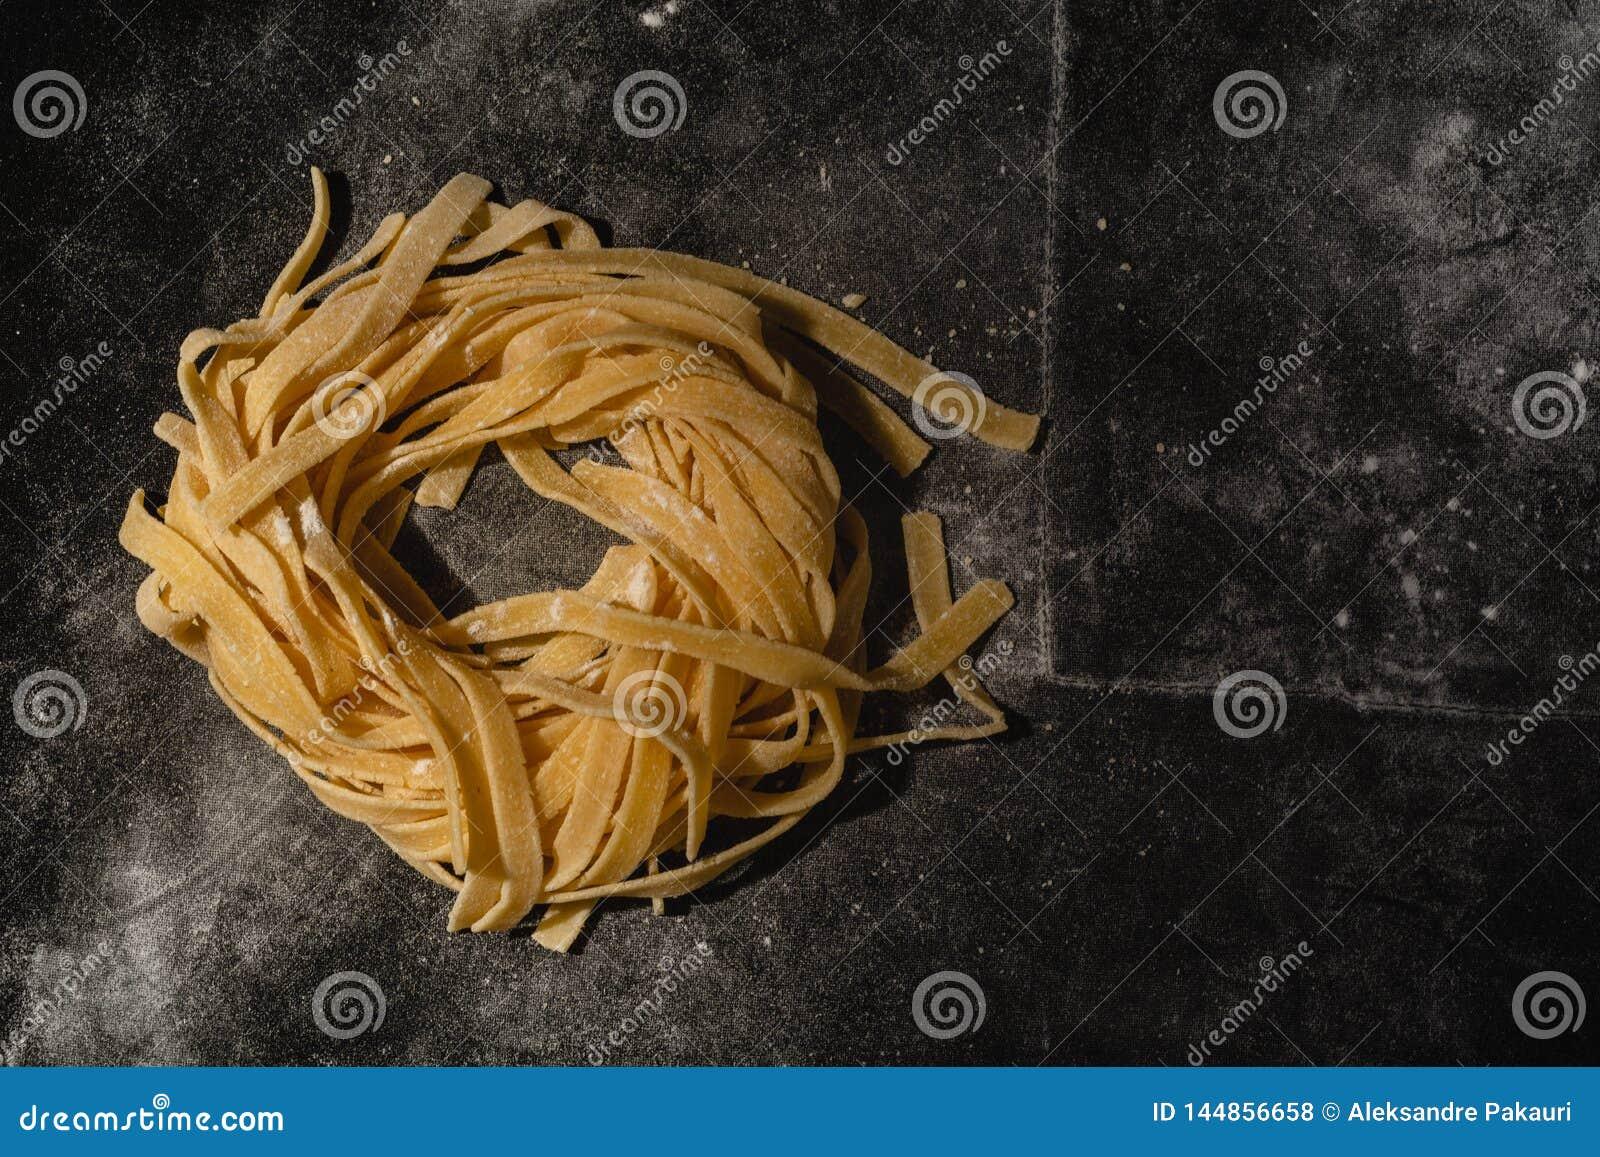 Απομονωμένα ακατέργαστα ζυμαρικά σε ένα μαύρο υπόβαθρο με μια θέση για το κείμενο Παραδοσιακά ιταλικά ζυμαρικά, νουντλς, tagliate